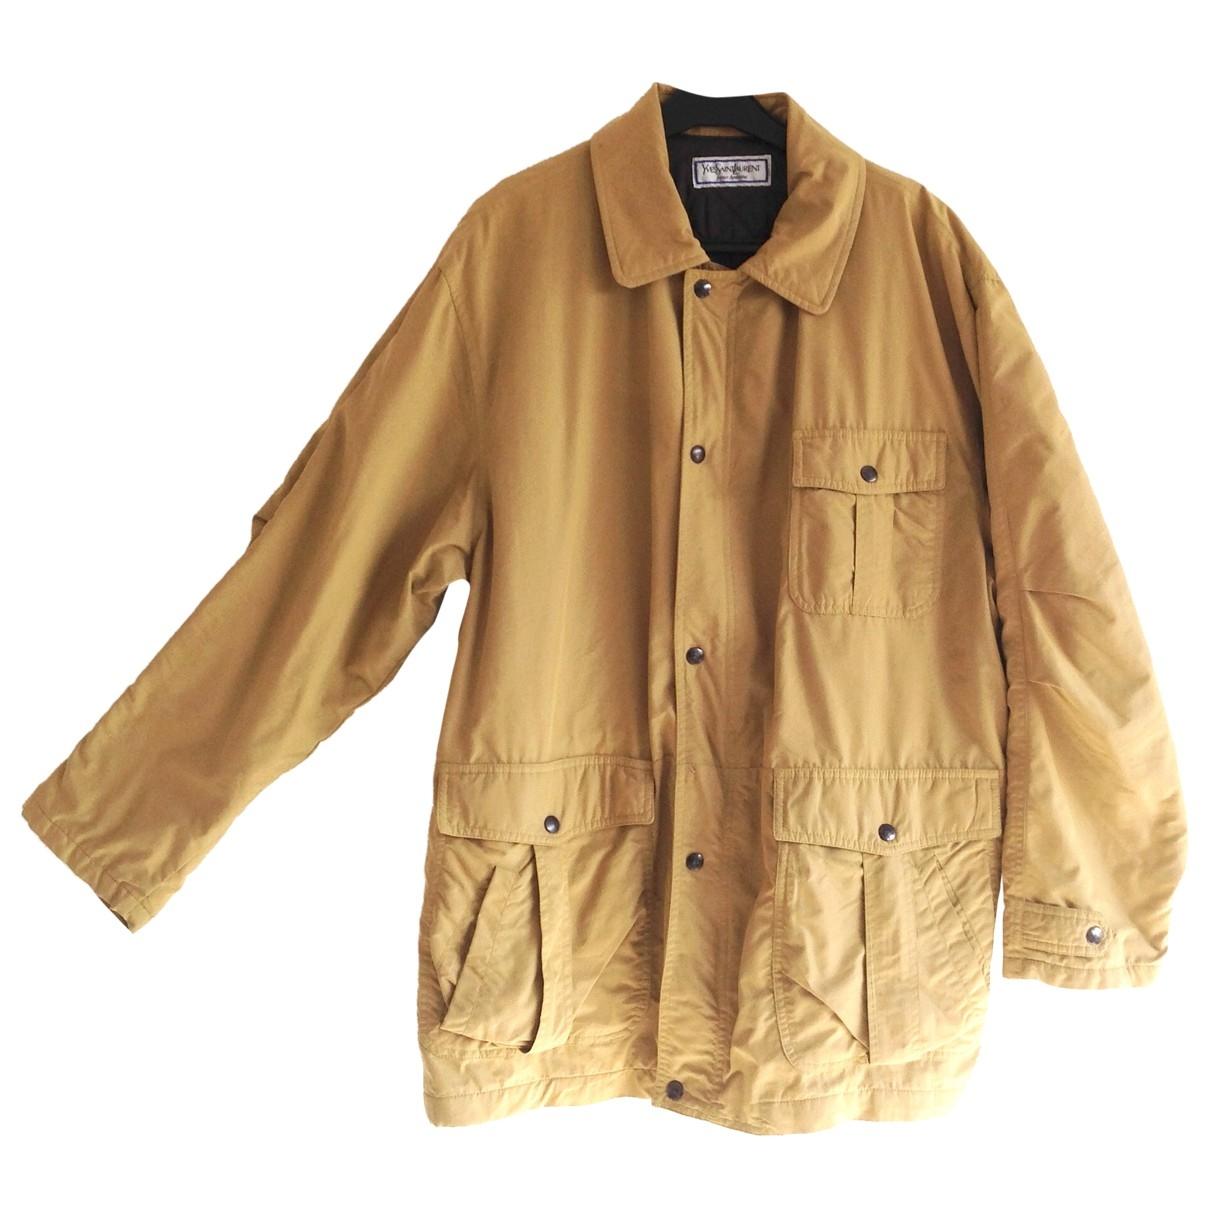 Yves Saint Laurent - Manteau   pour homme en coton